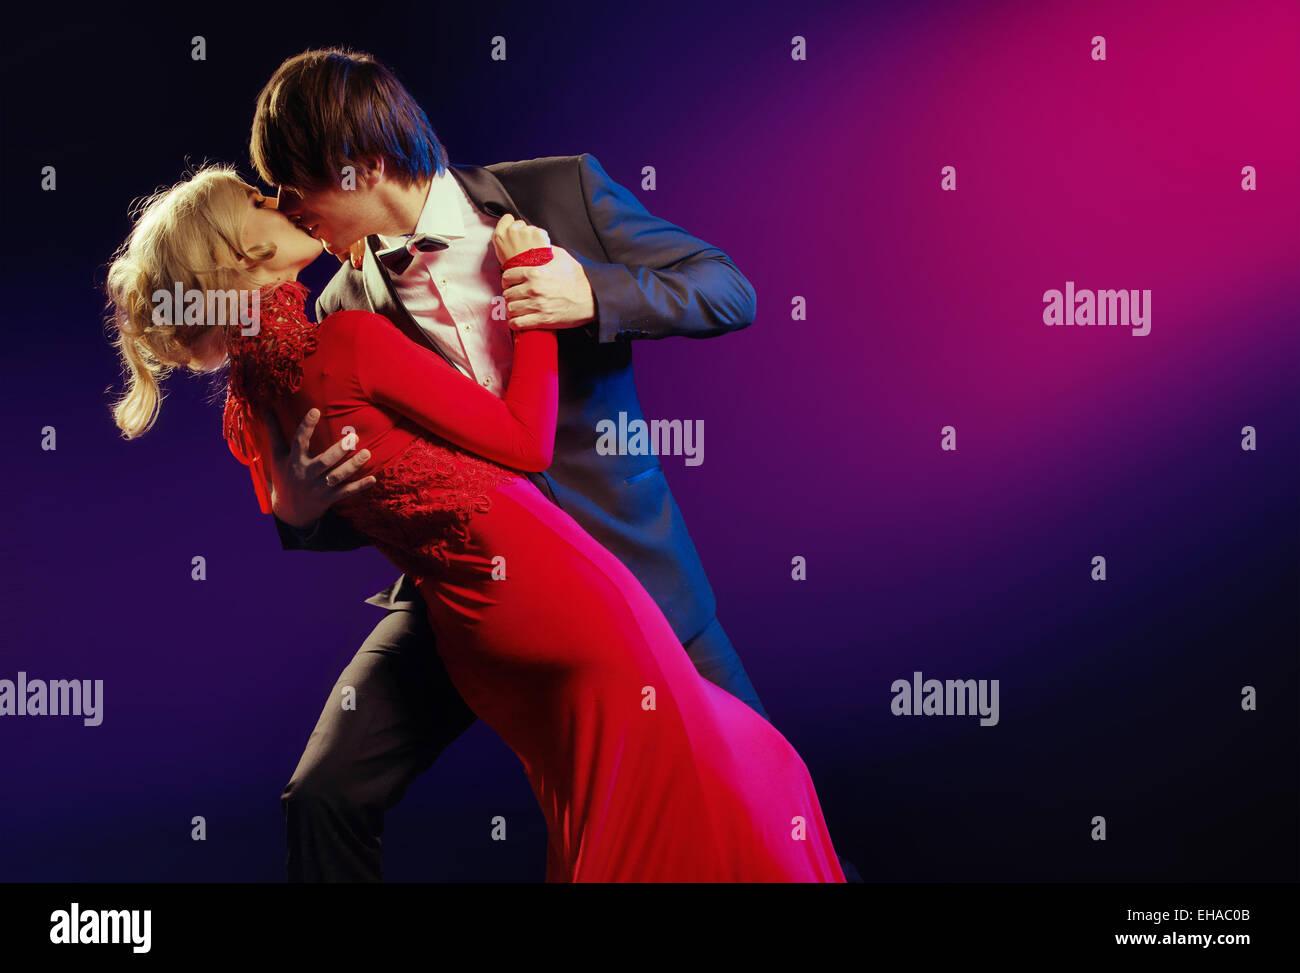 Elegante junge Paar in den Tanz der Liebe Stockbild